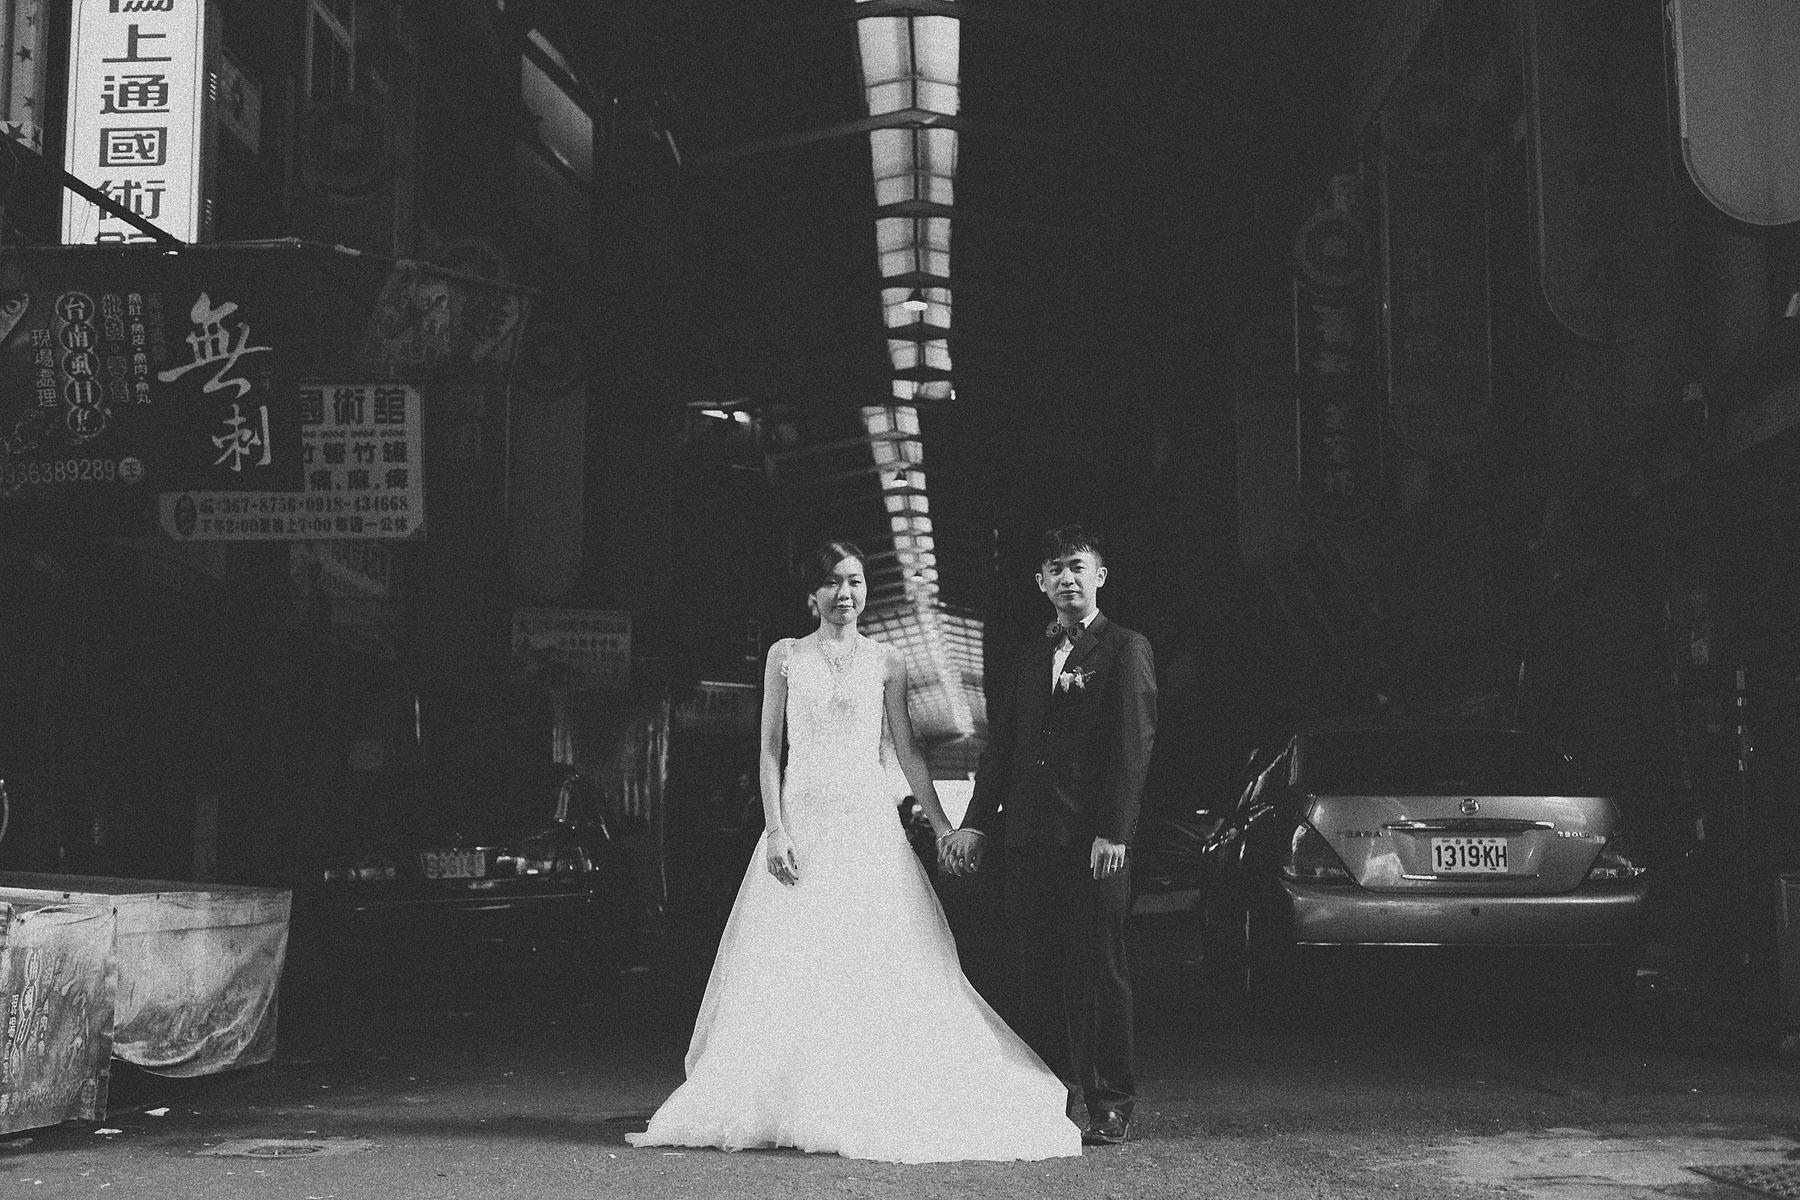 婚攝推薦,電影風格,底片,情感,婚禮攝影,婚禮紀錄,黑白,市場